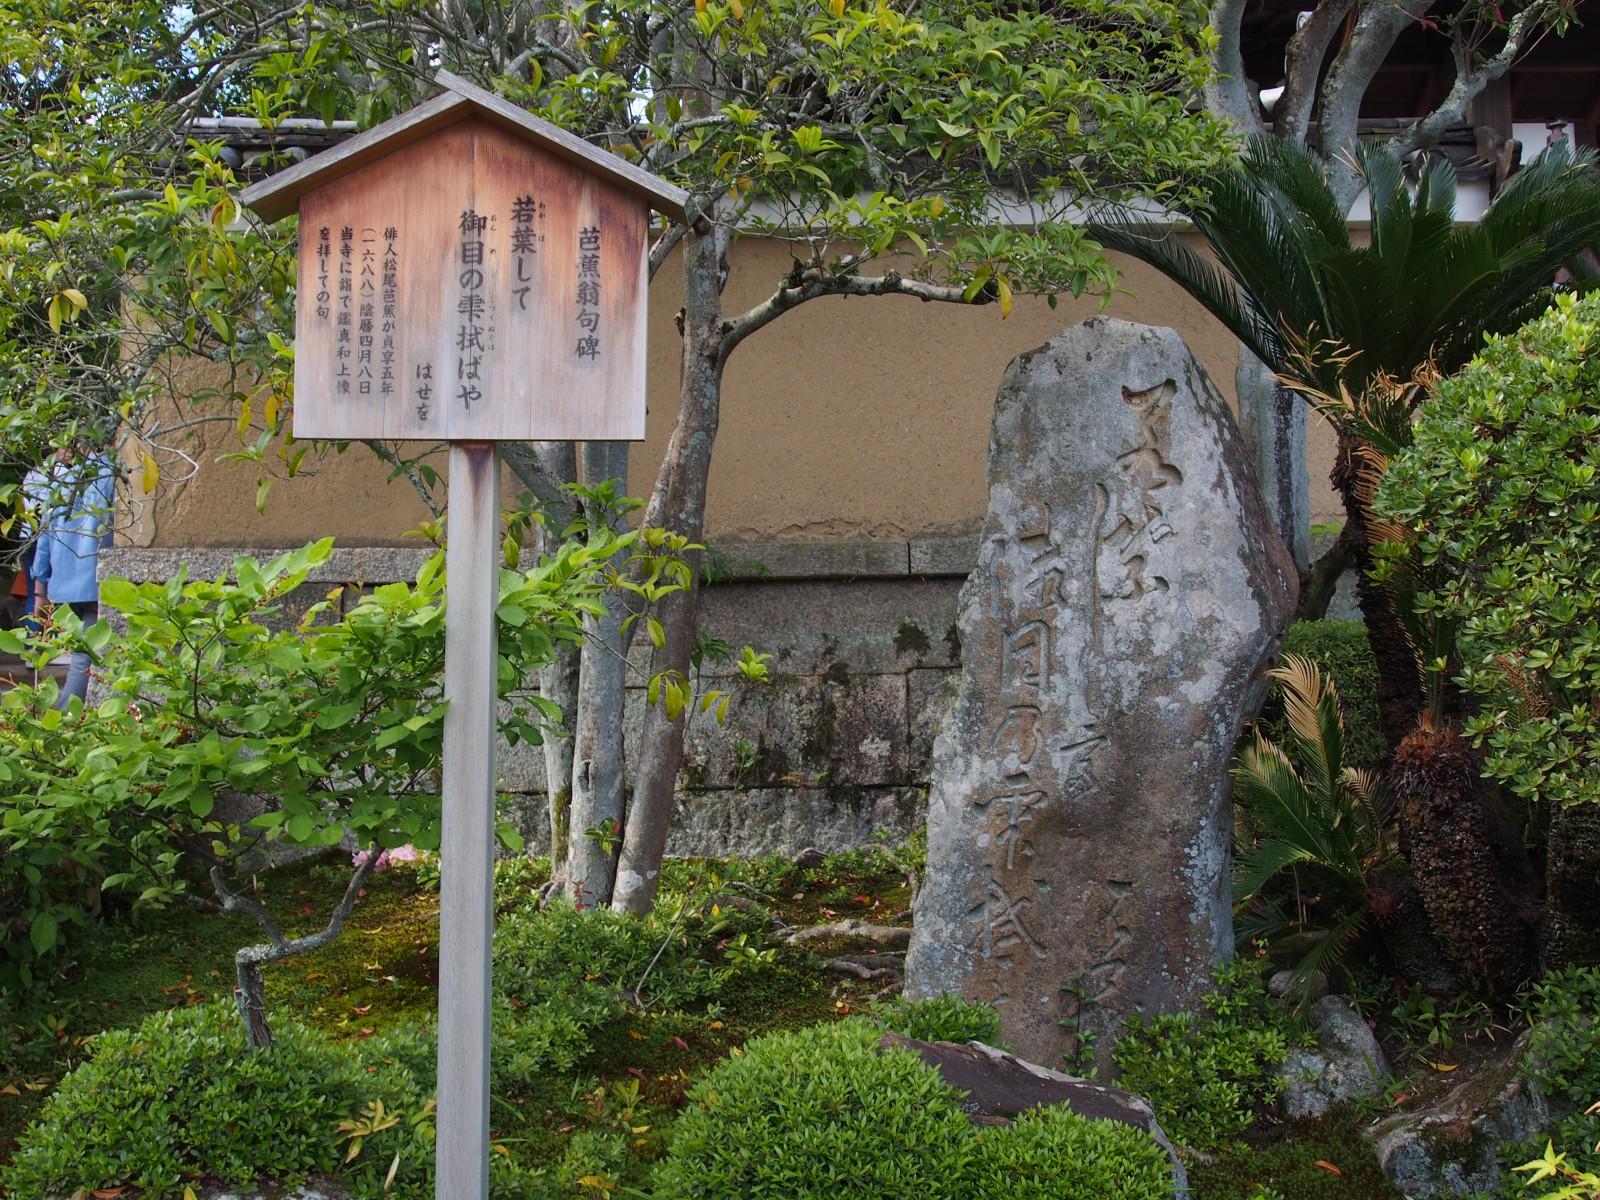 芭蕉翁句碑(唐招提寺)